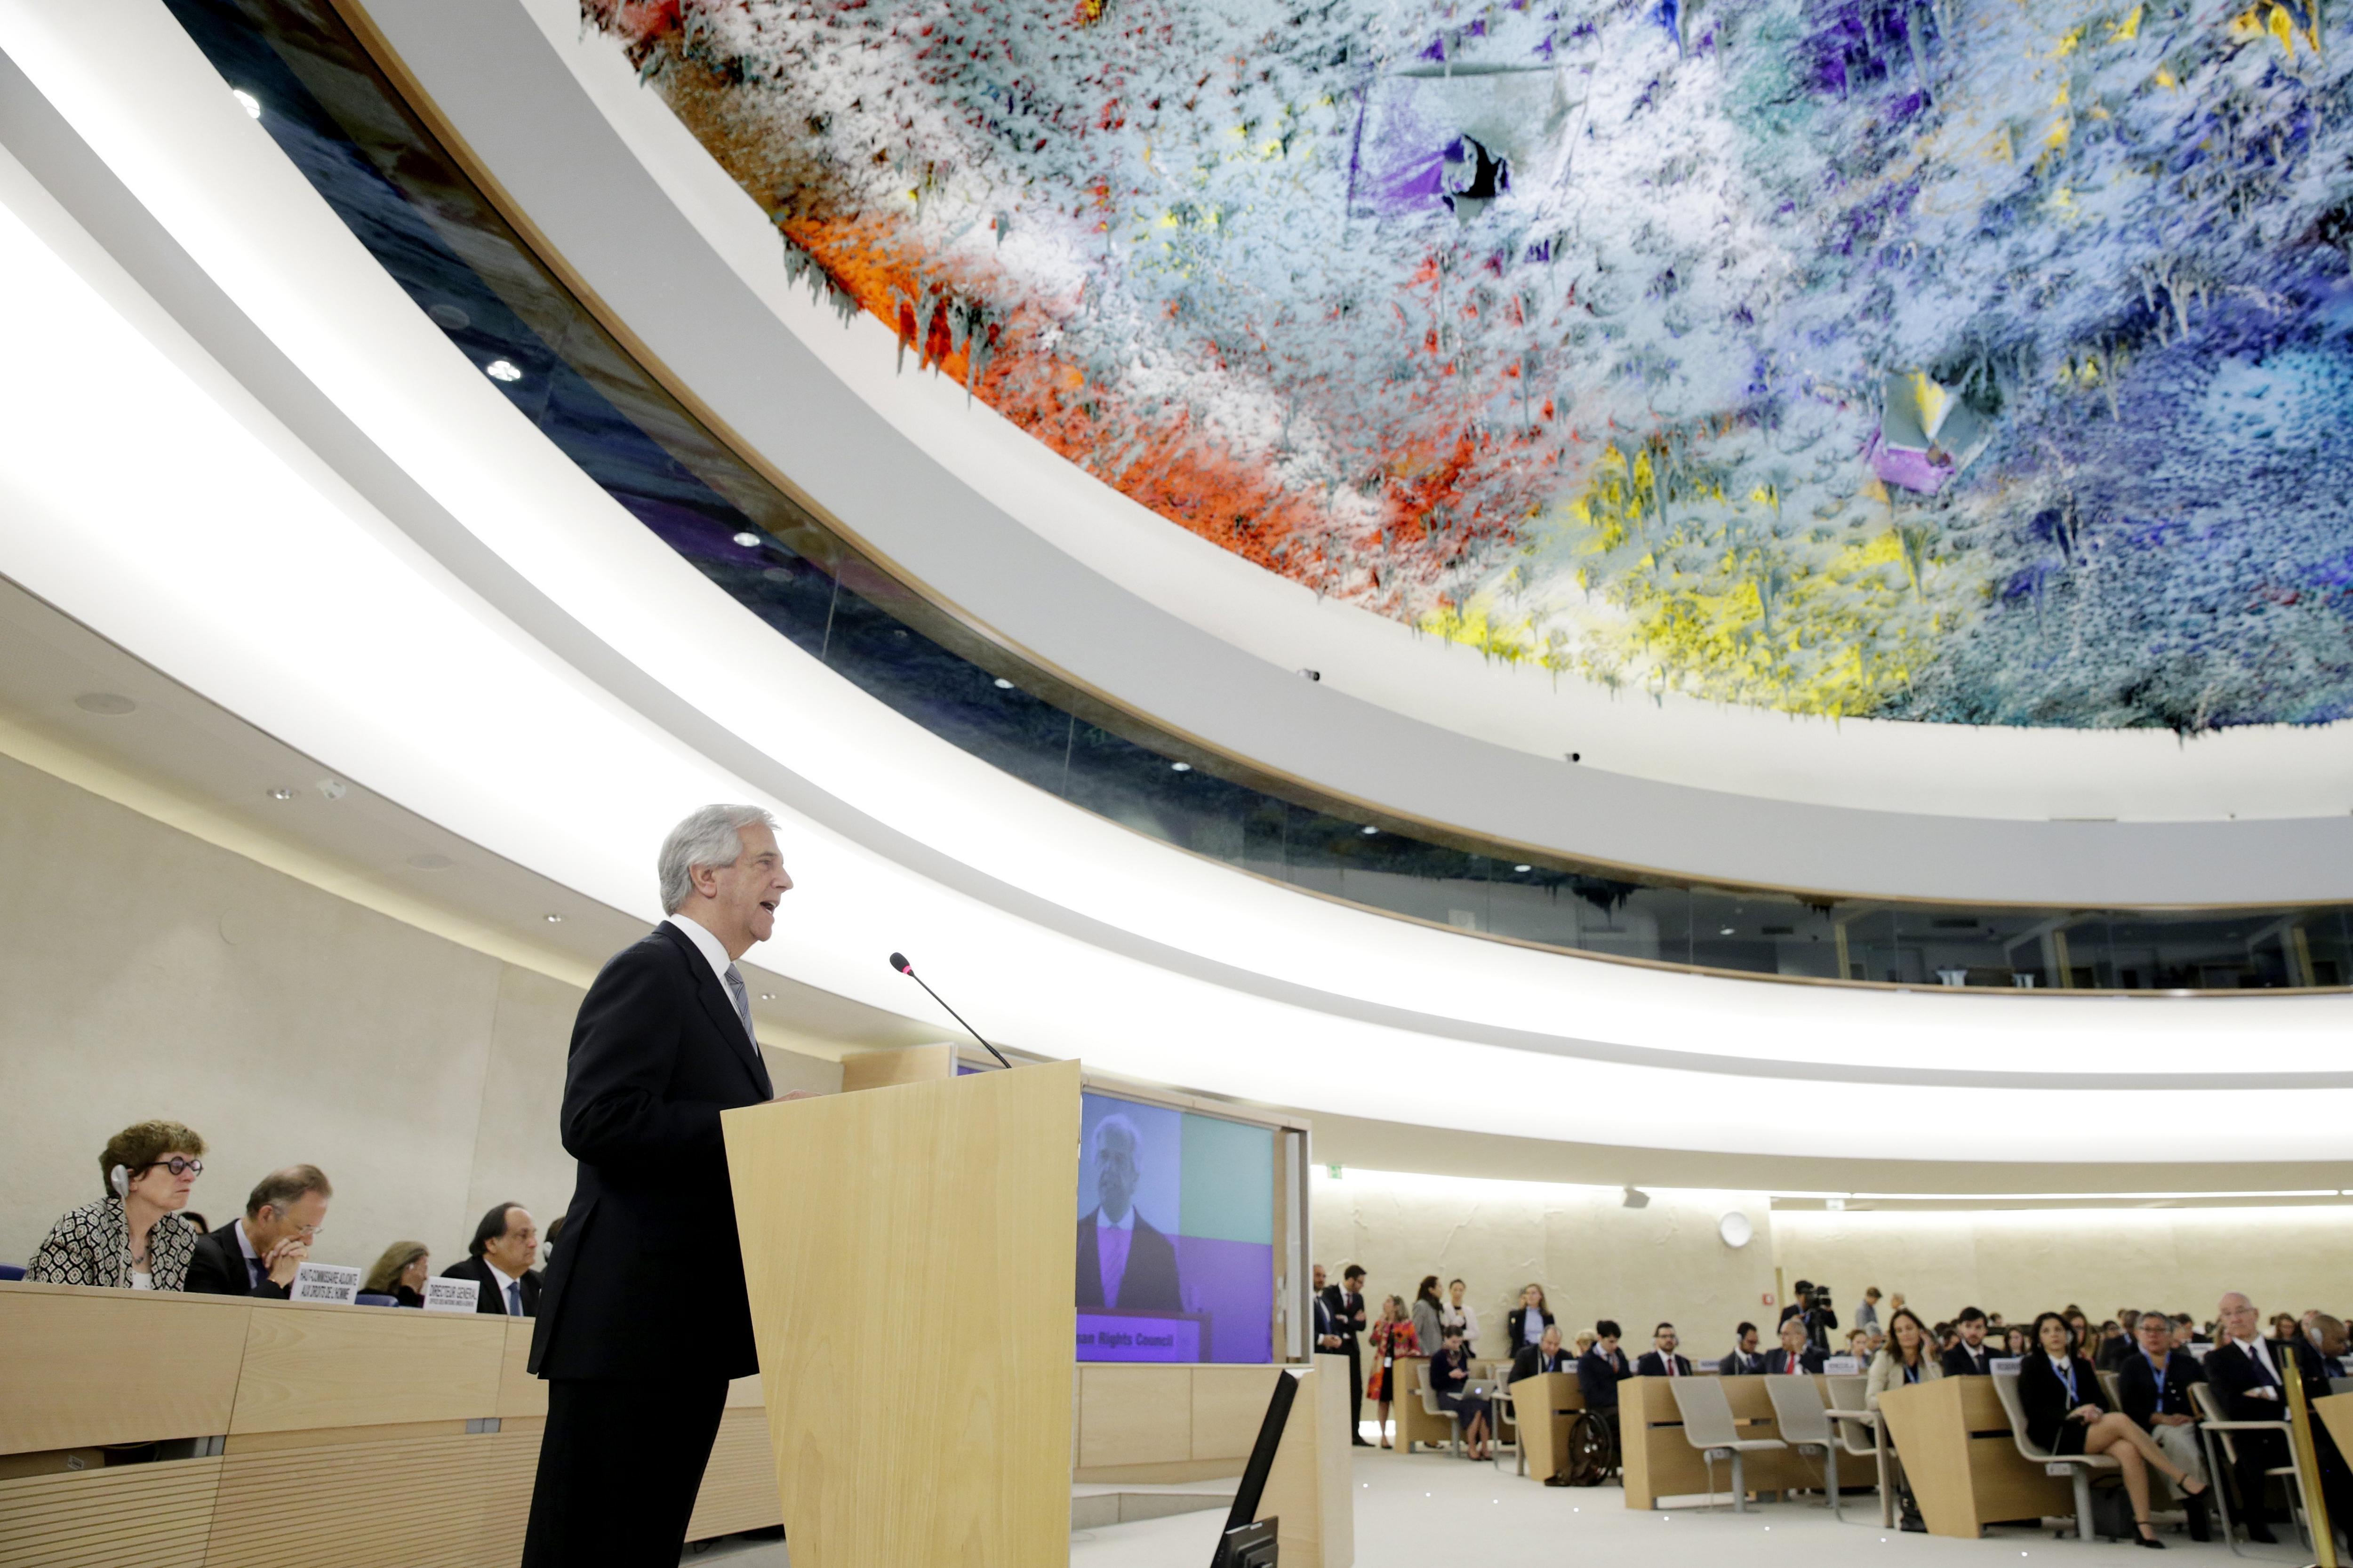 El president d'Uruguai, Tabaré Vázquez, intervé durant la 35a sessió del Consell de Drets Humans de l'ONU a Ginebra, Suïssa. /Magali Girardin